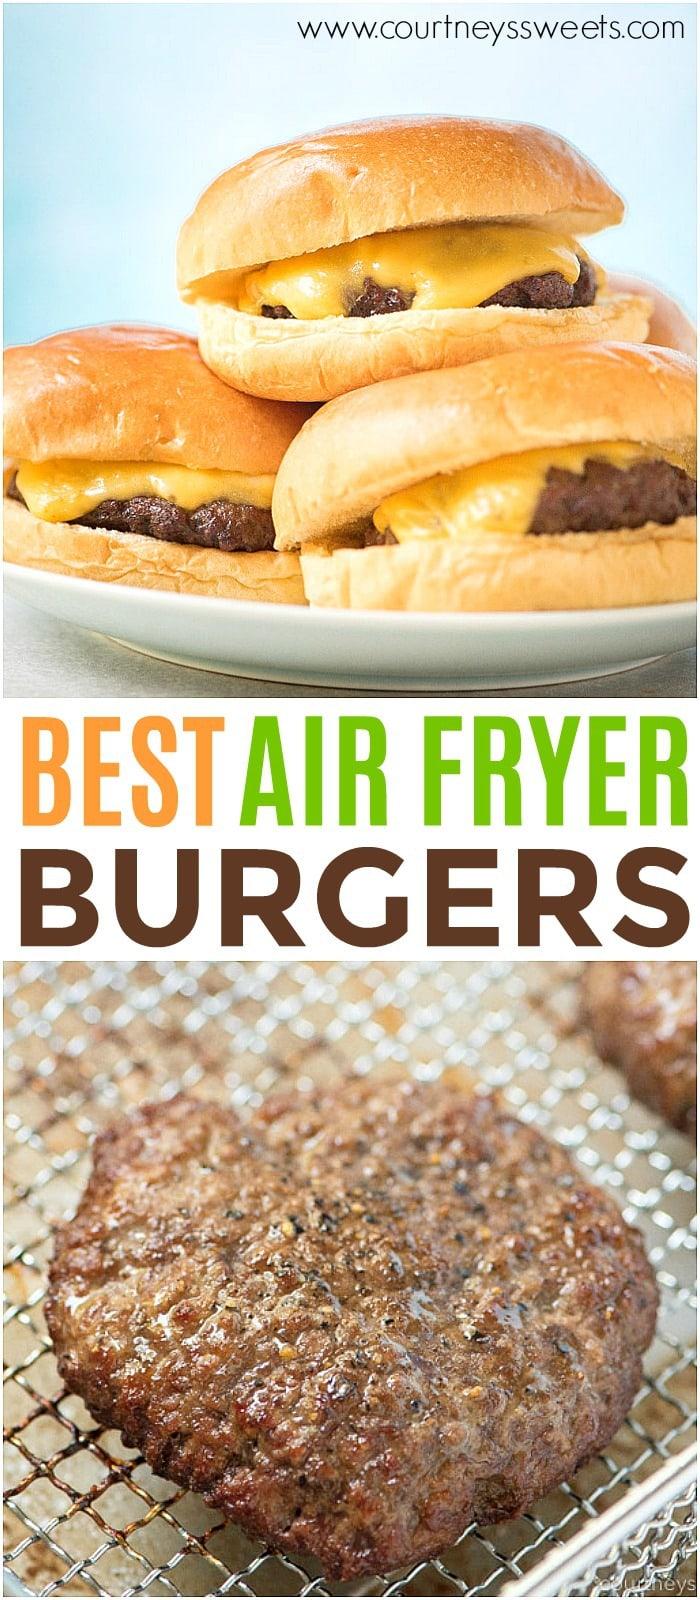 air fryer burgers recipe